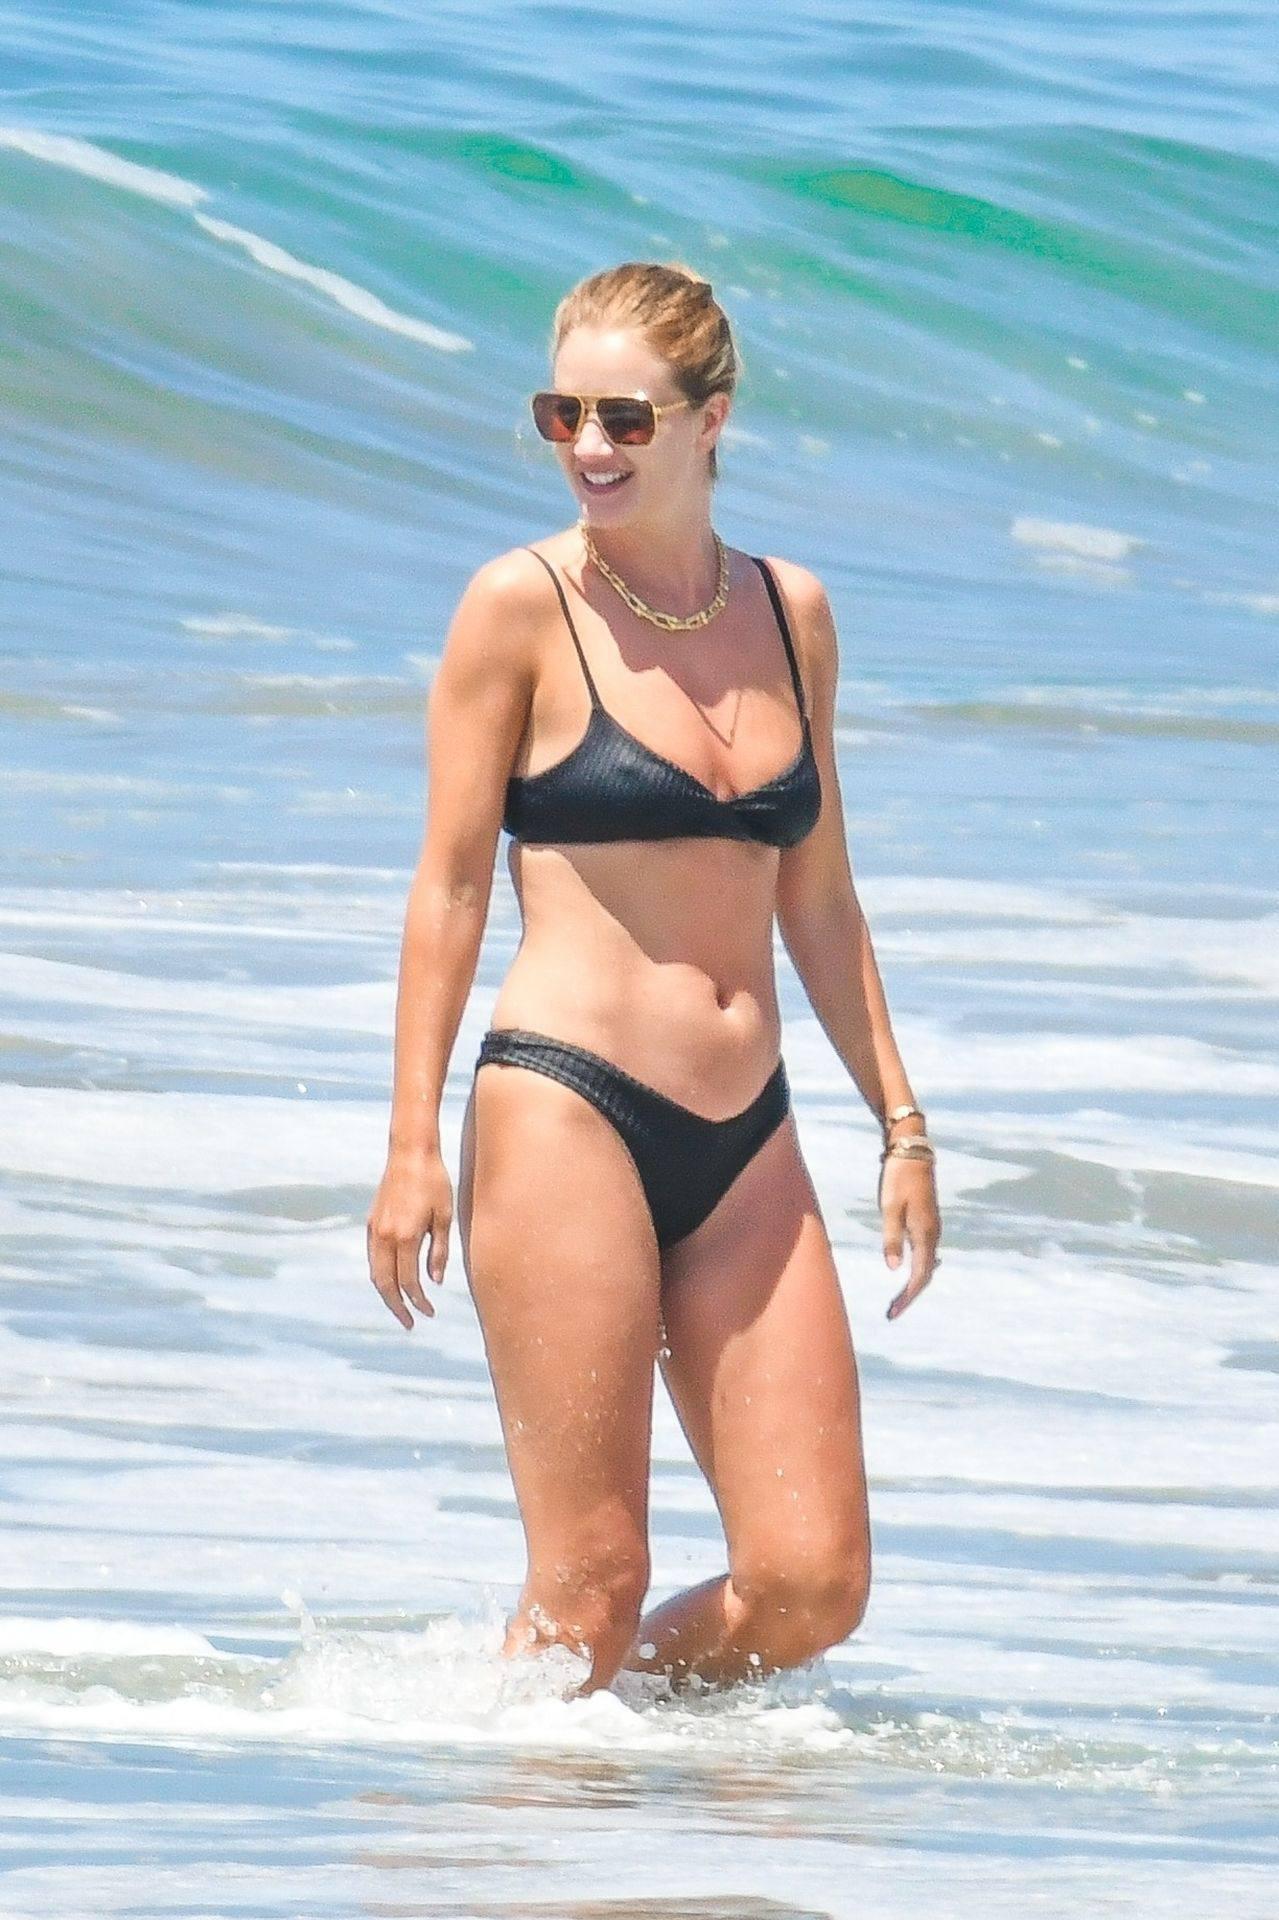 Rosie Huntington Whiteley – Beautiful Ass In Thong Bikini In Malibu 0002